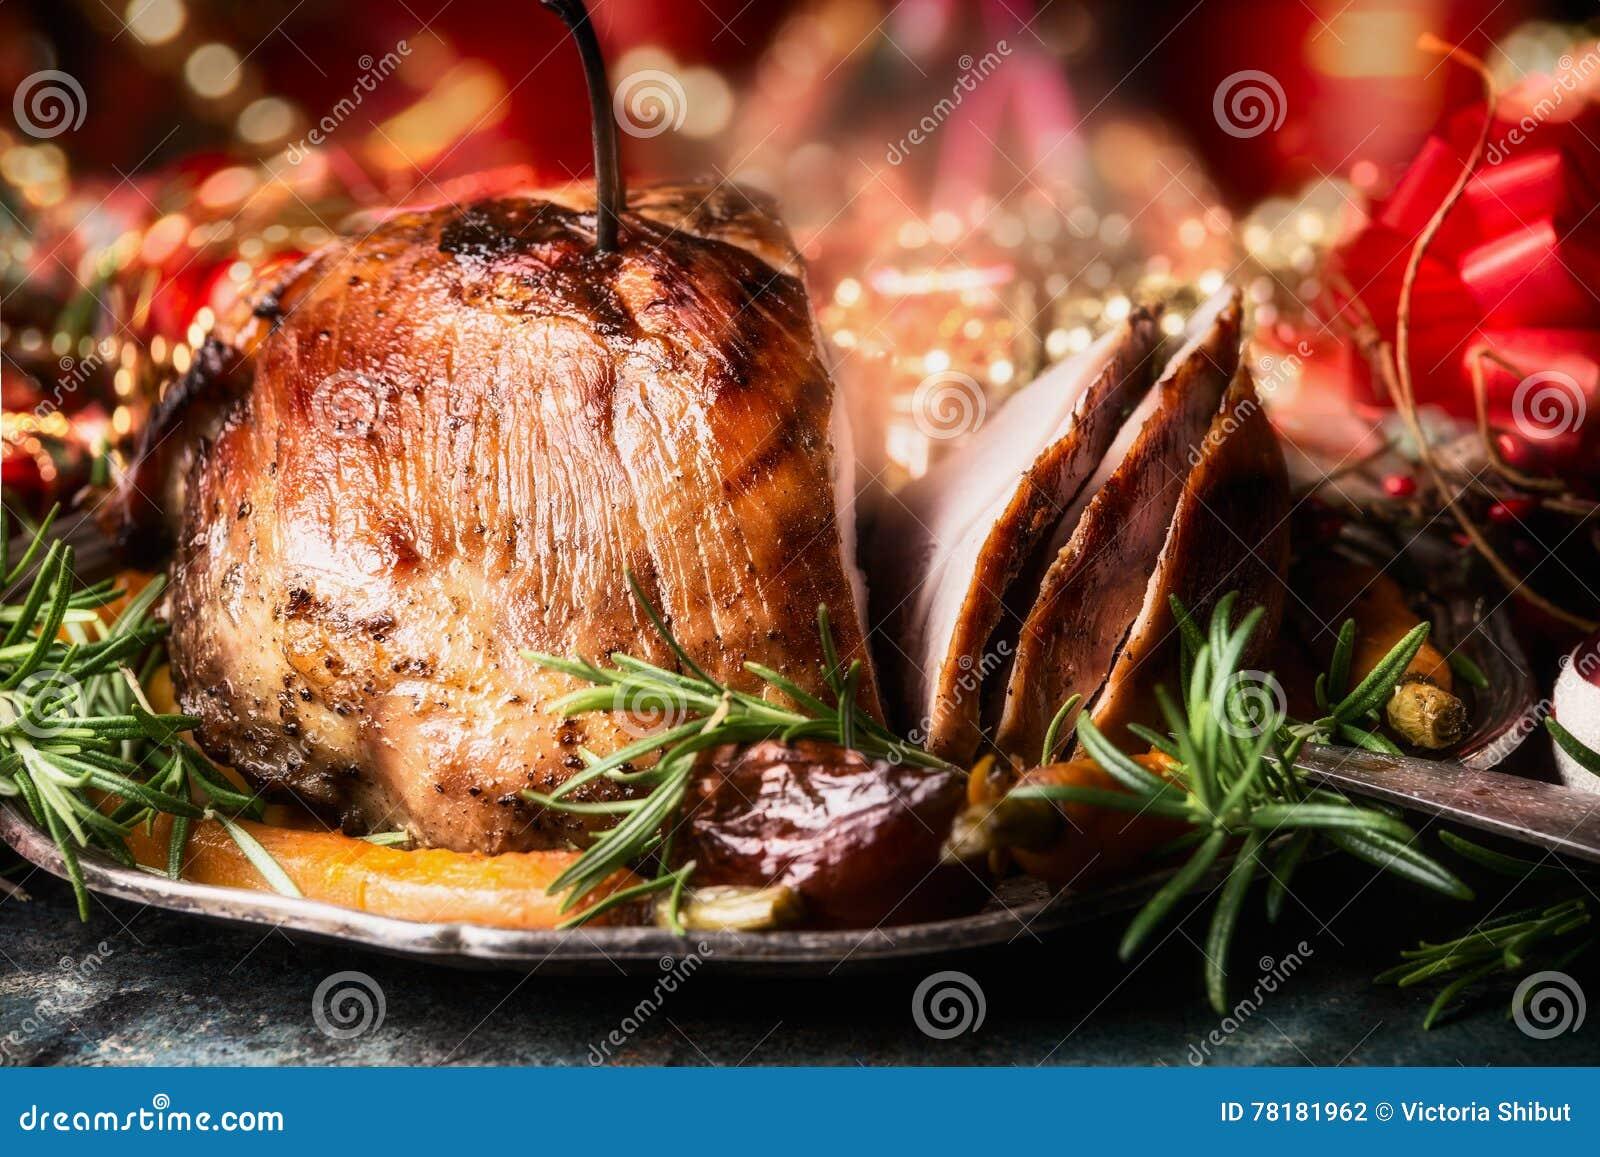 Weihnachten schnitt gebratenen Schinken auf dinning Tabelle mit festlicher Feiertagsdekoration, Seitenansicht